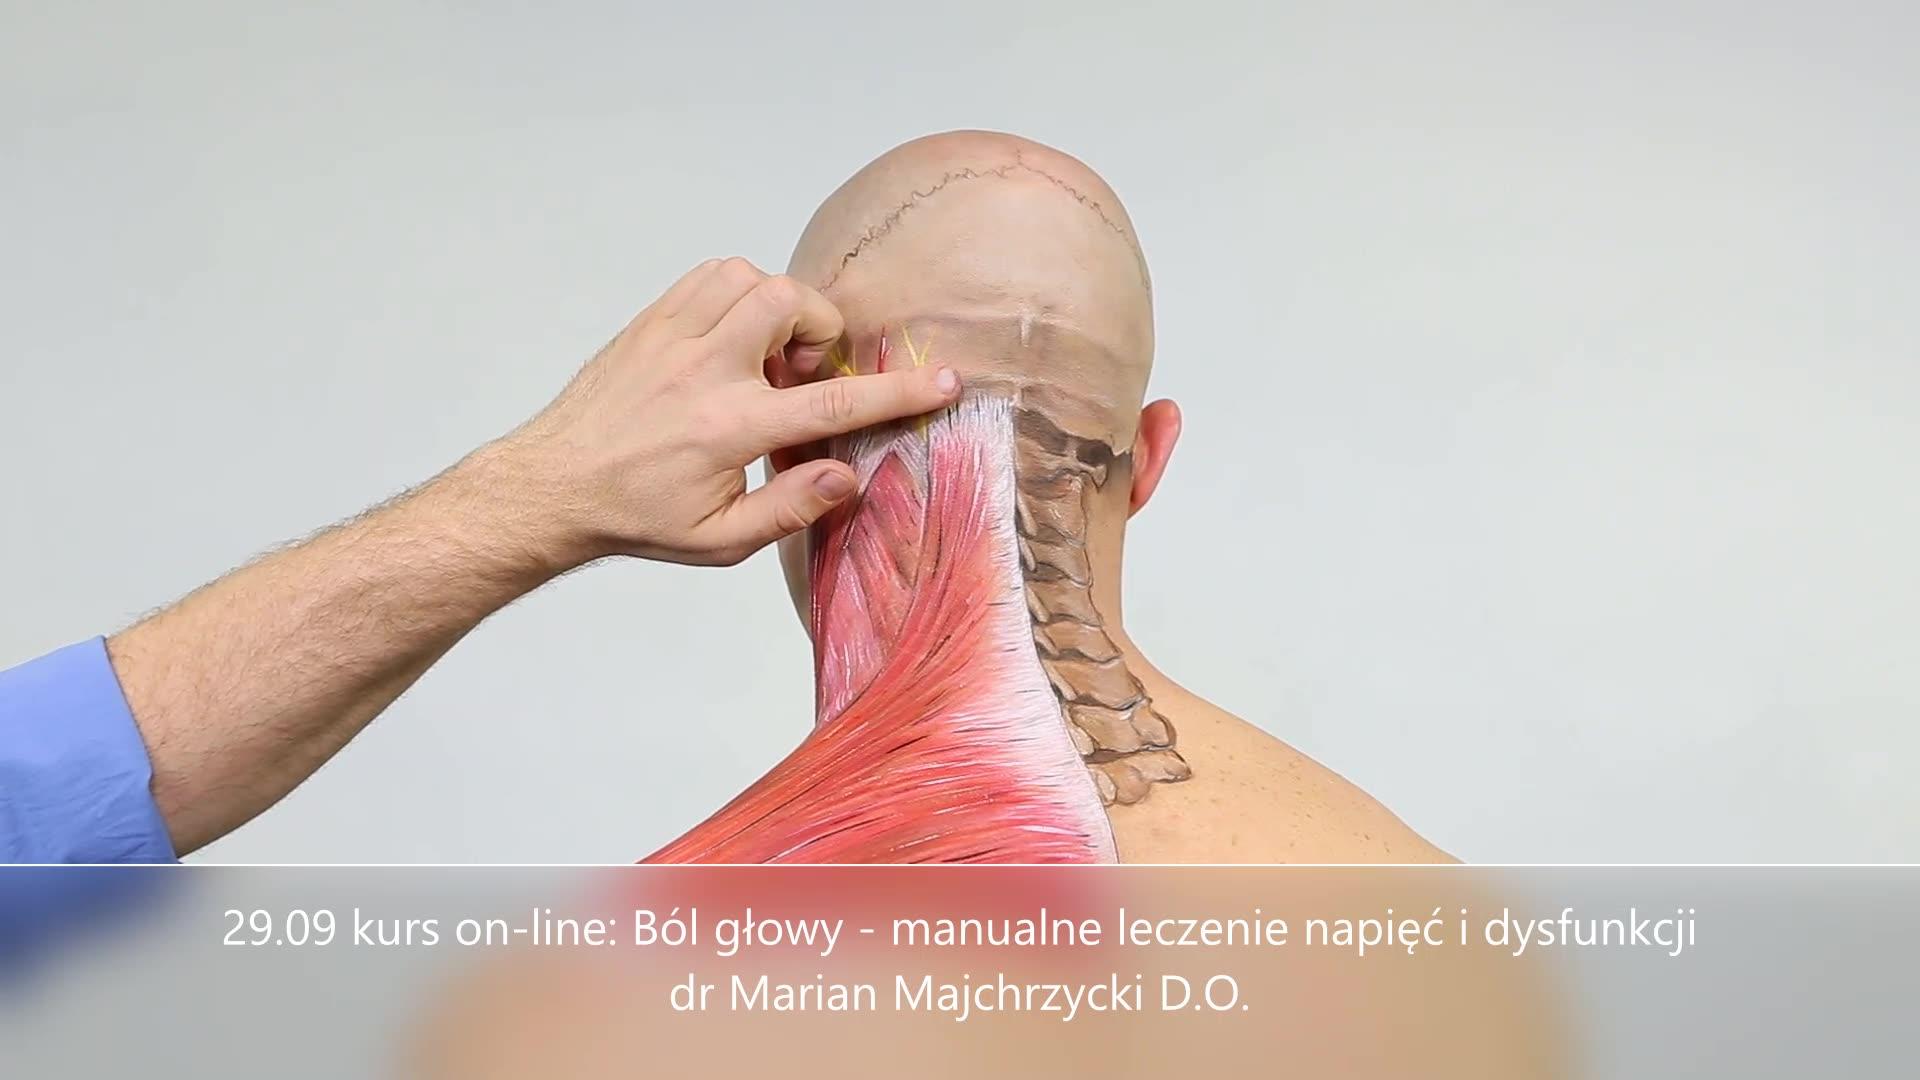 Obejrzyj 29.09 kurs on-line: Ból głowy - manualne leczenie napięć i dysfunkcji